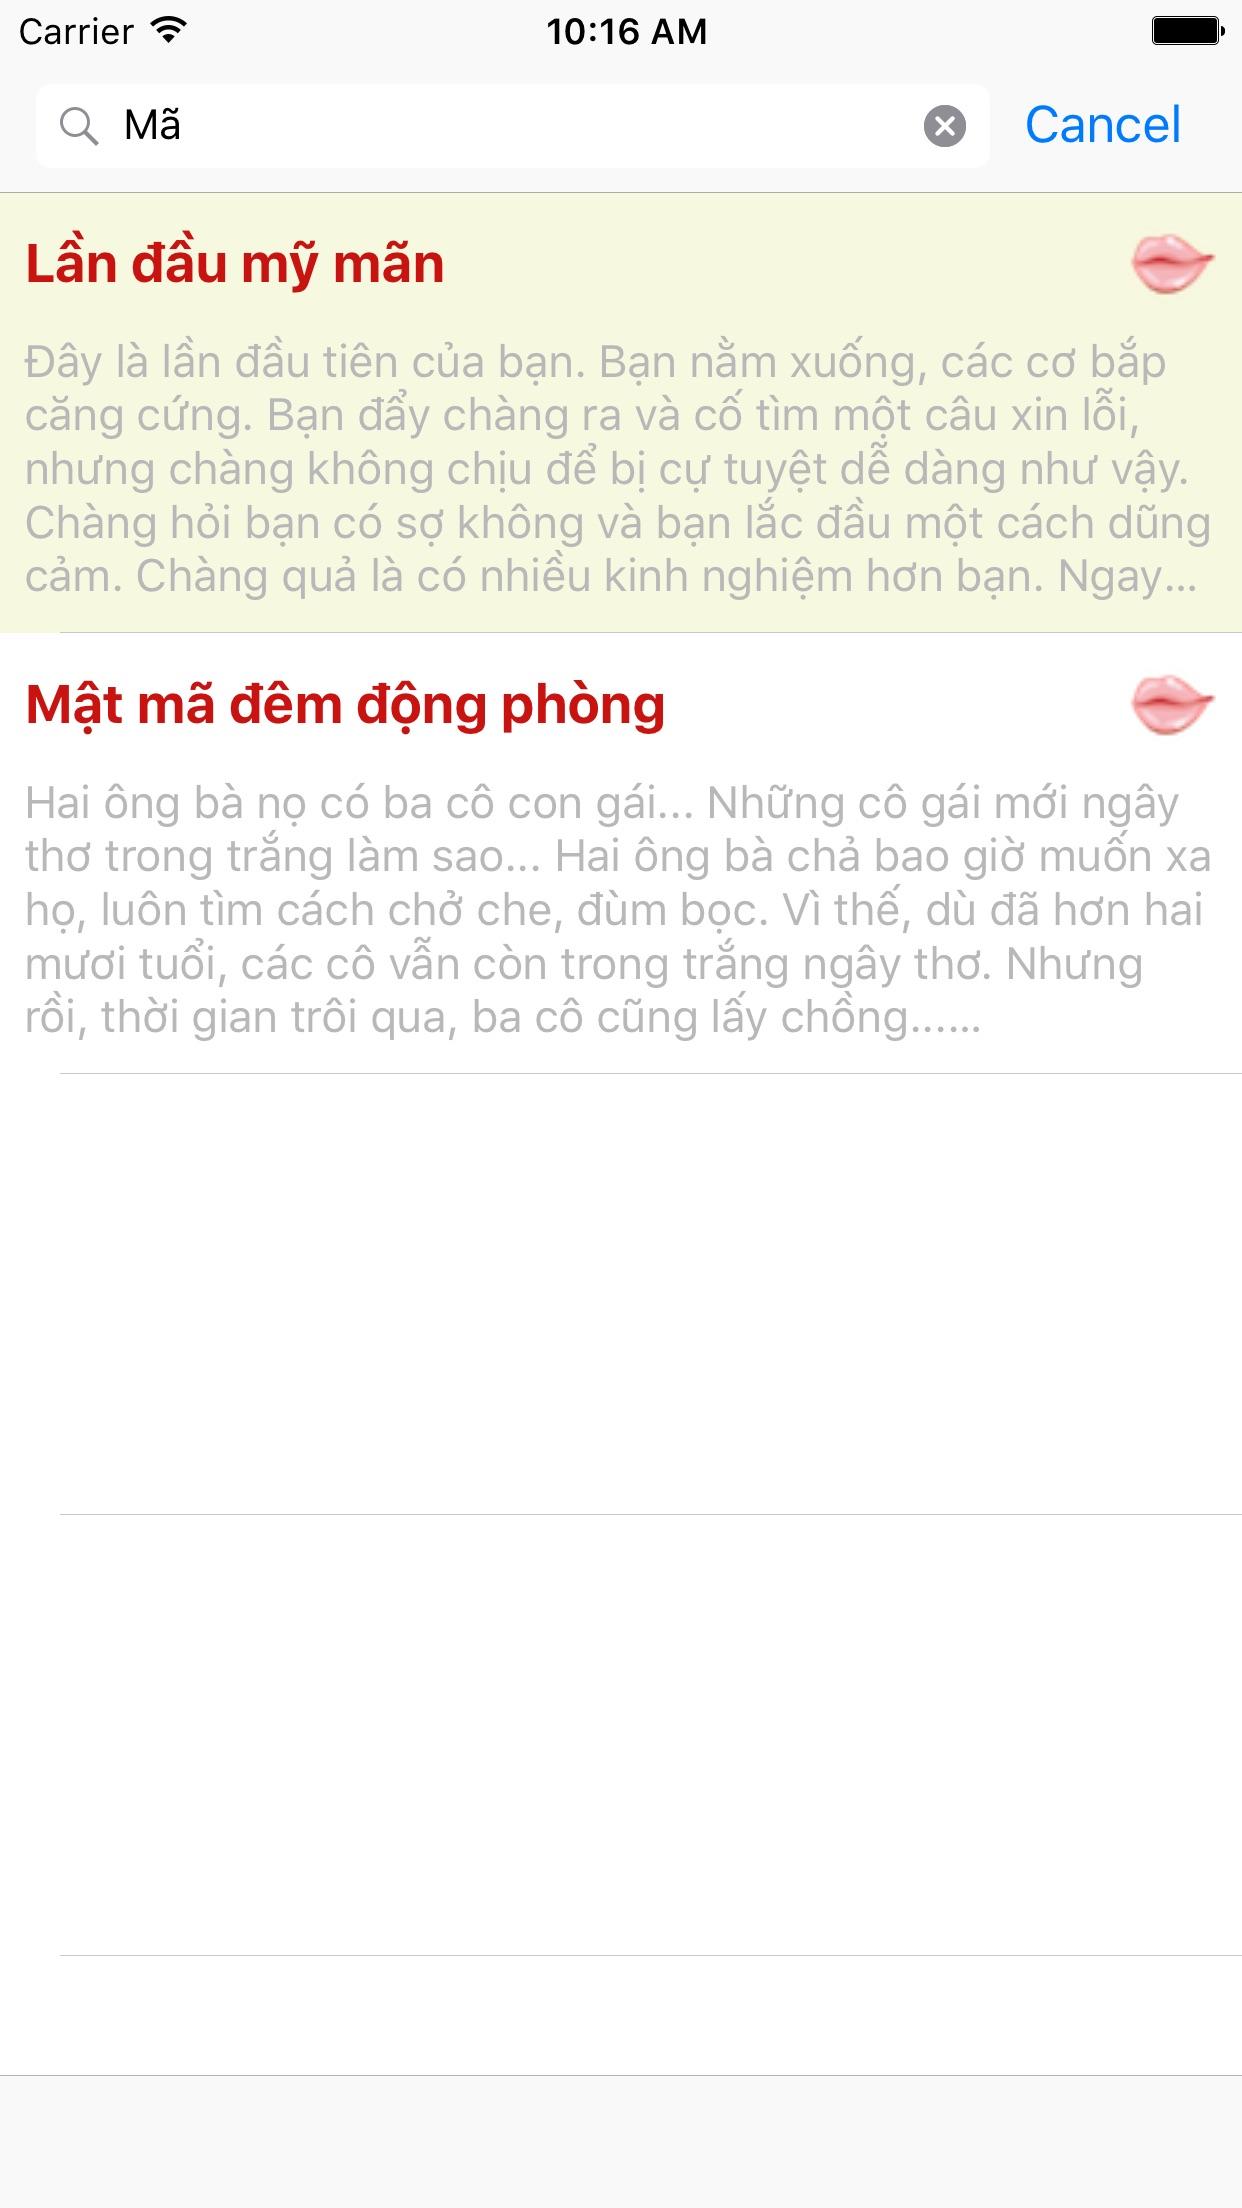 Truyen Nguoi Lon - Truyện Người Lớn Cười 18+ Screenshot